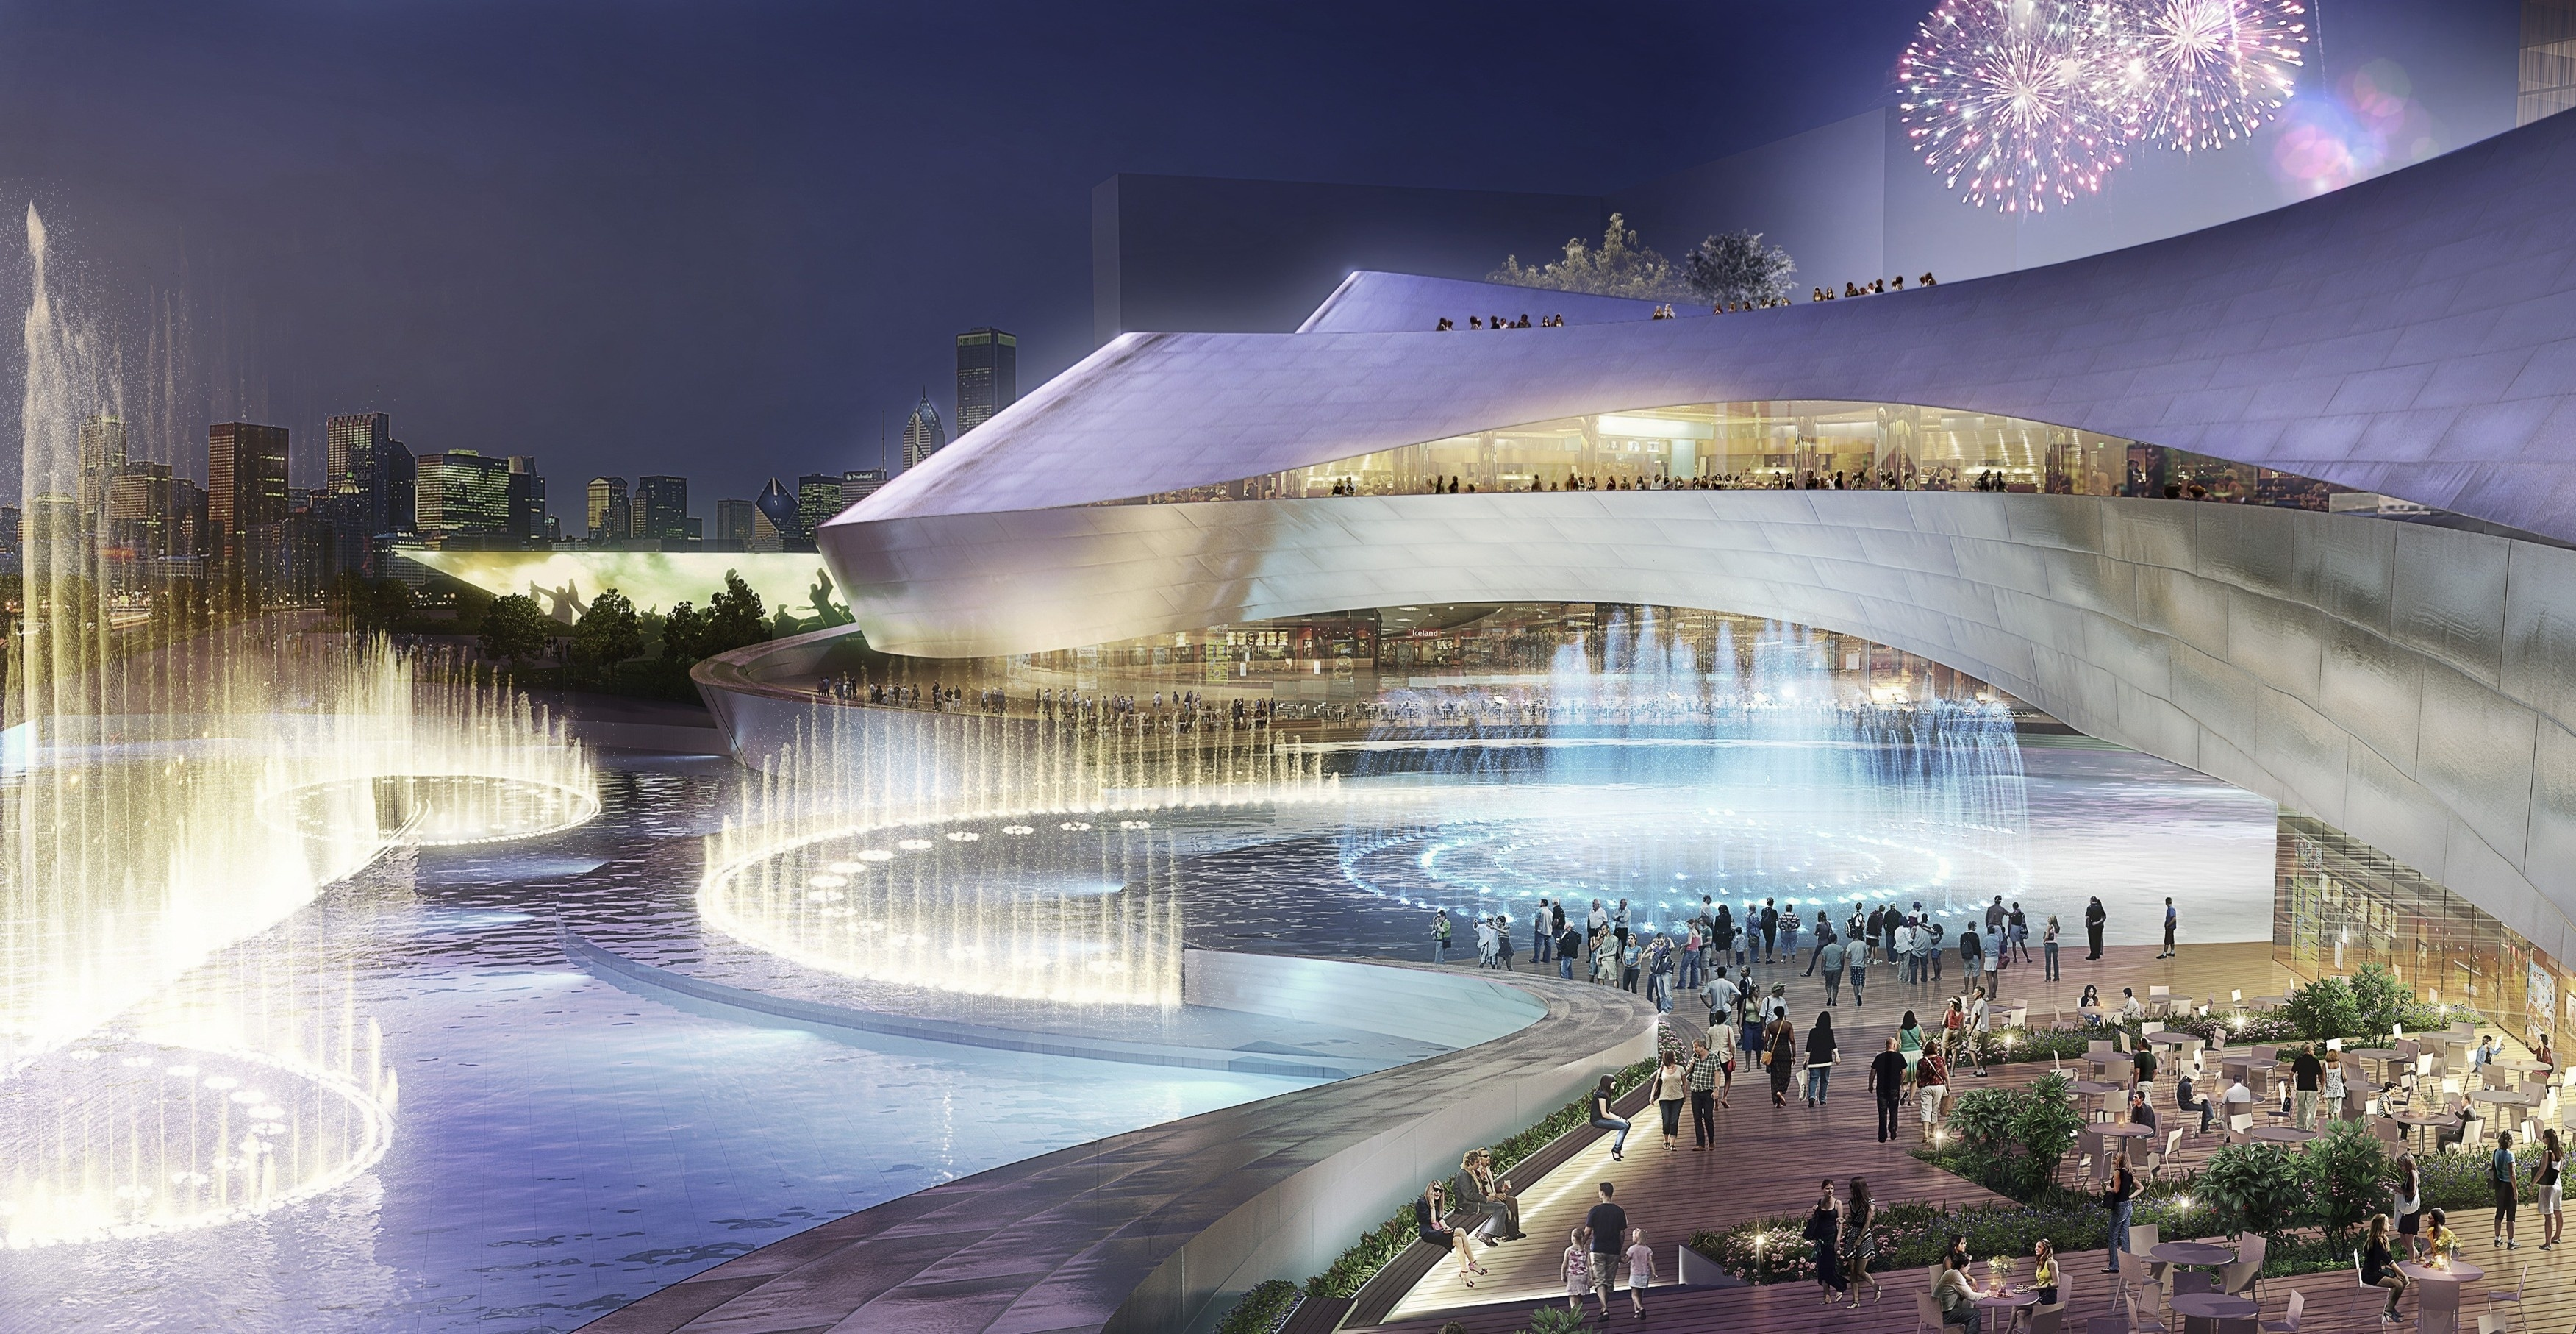 Eurovegas atraerá 40.000 trabajadores de la construcción y creará 50.000 empleos fijos